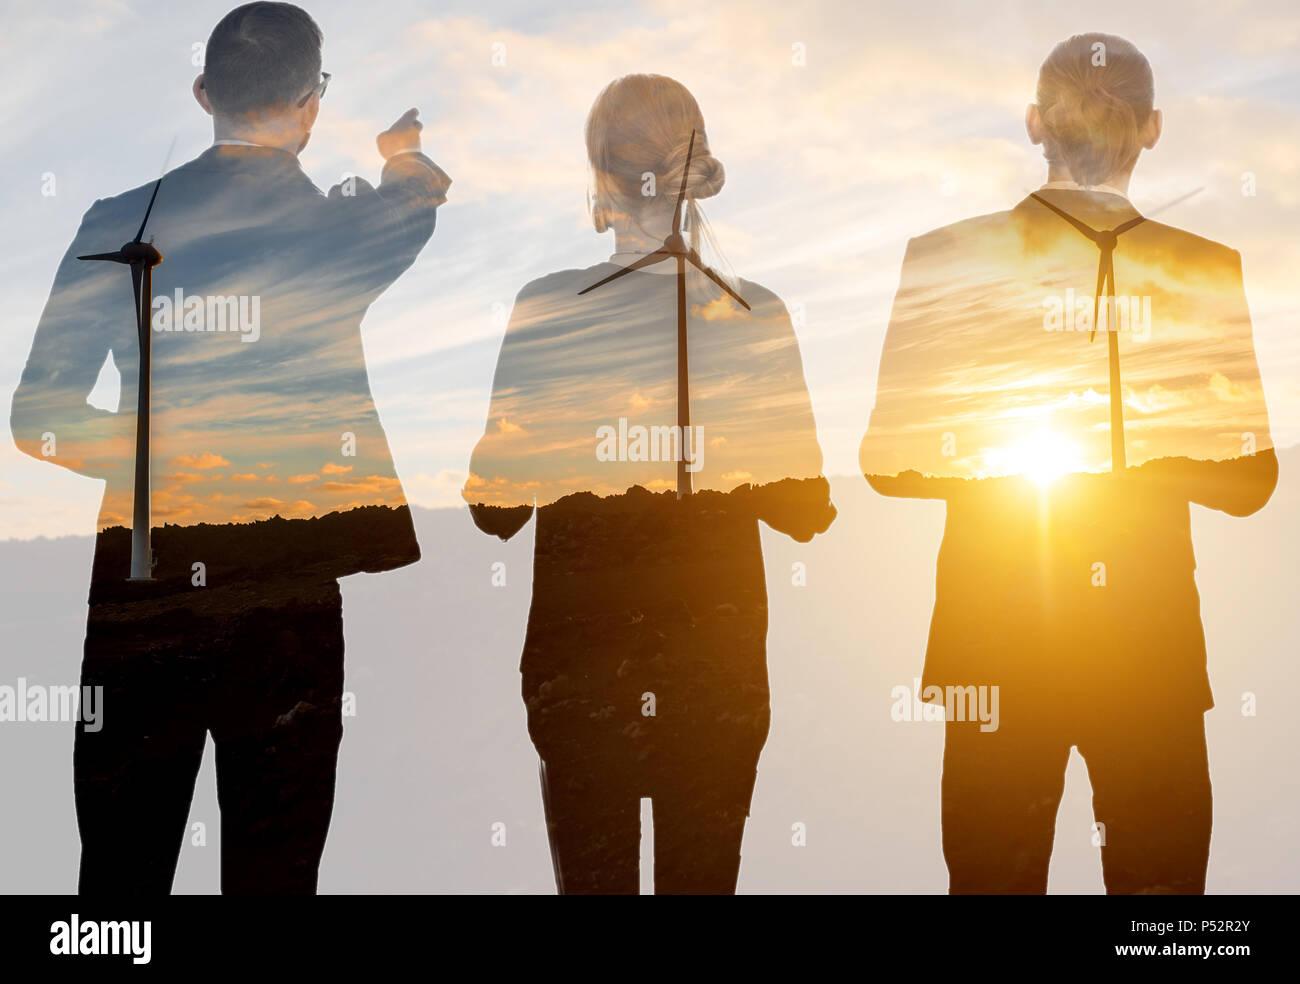 Doble exposición con la gente de negocios y turbinas eólicas Imagen De Stock